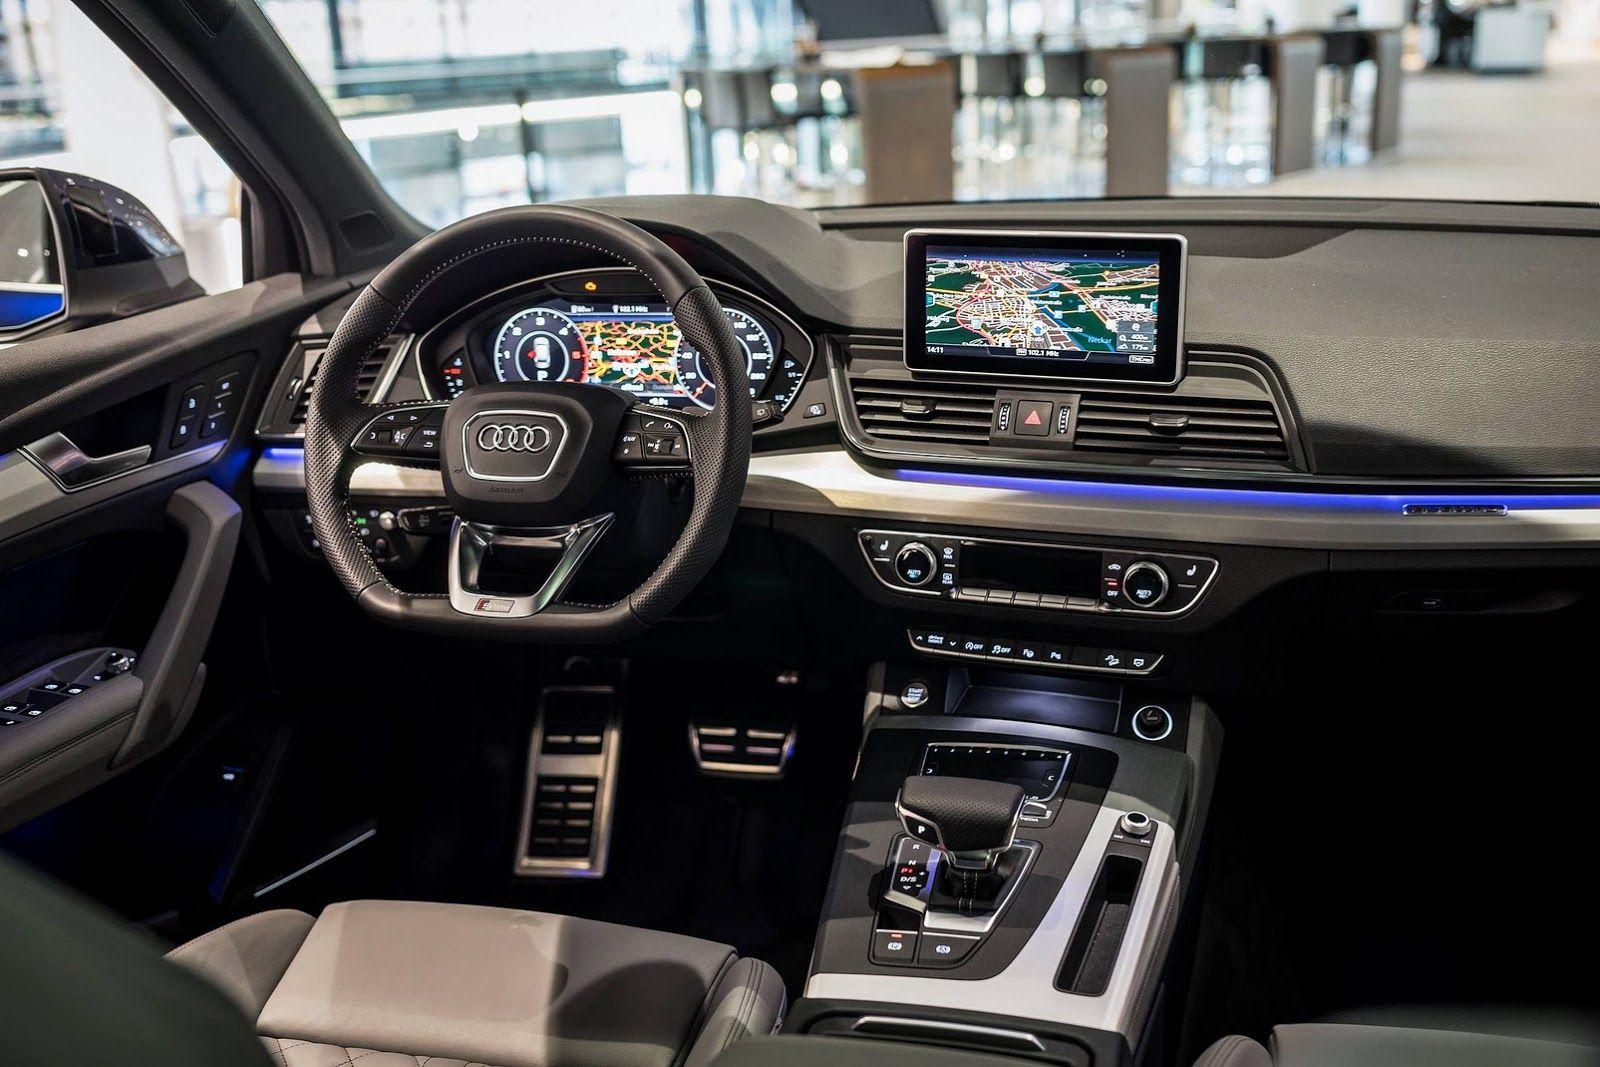 2017 Audi Q5 In Navarra Blue Metallic On Display In Neckarsulm Carscoops Audi Q5 Audi Audi Q7 Interior